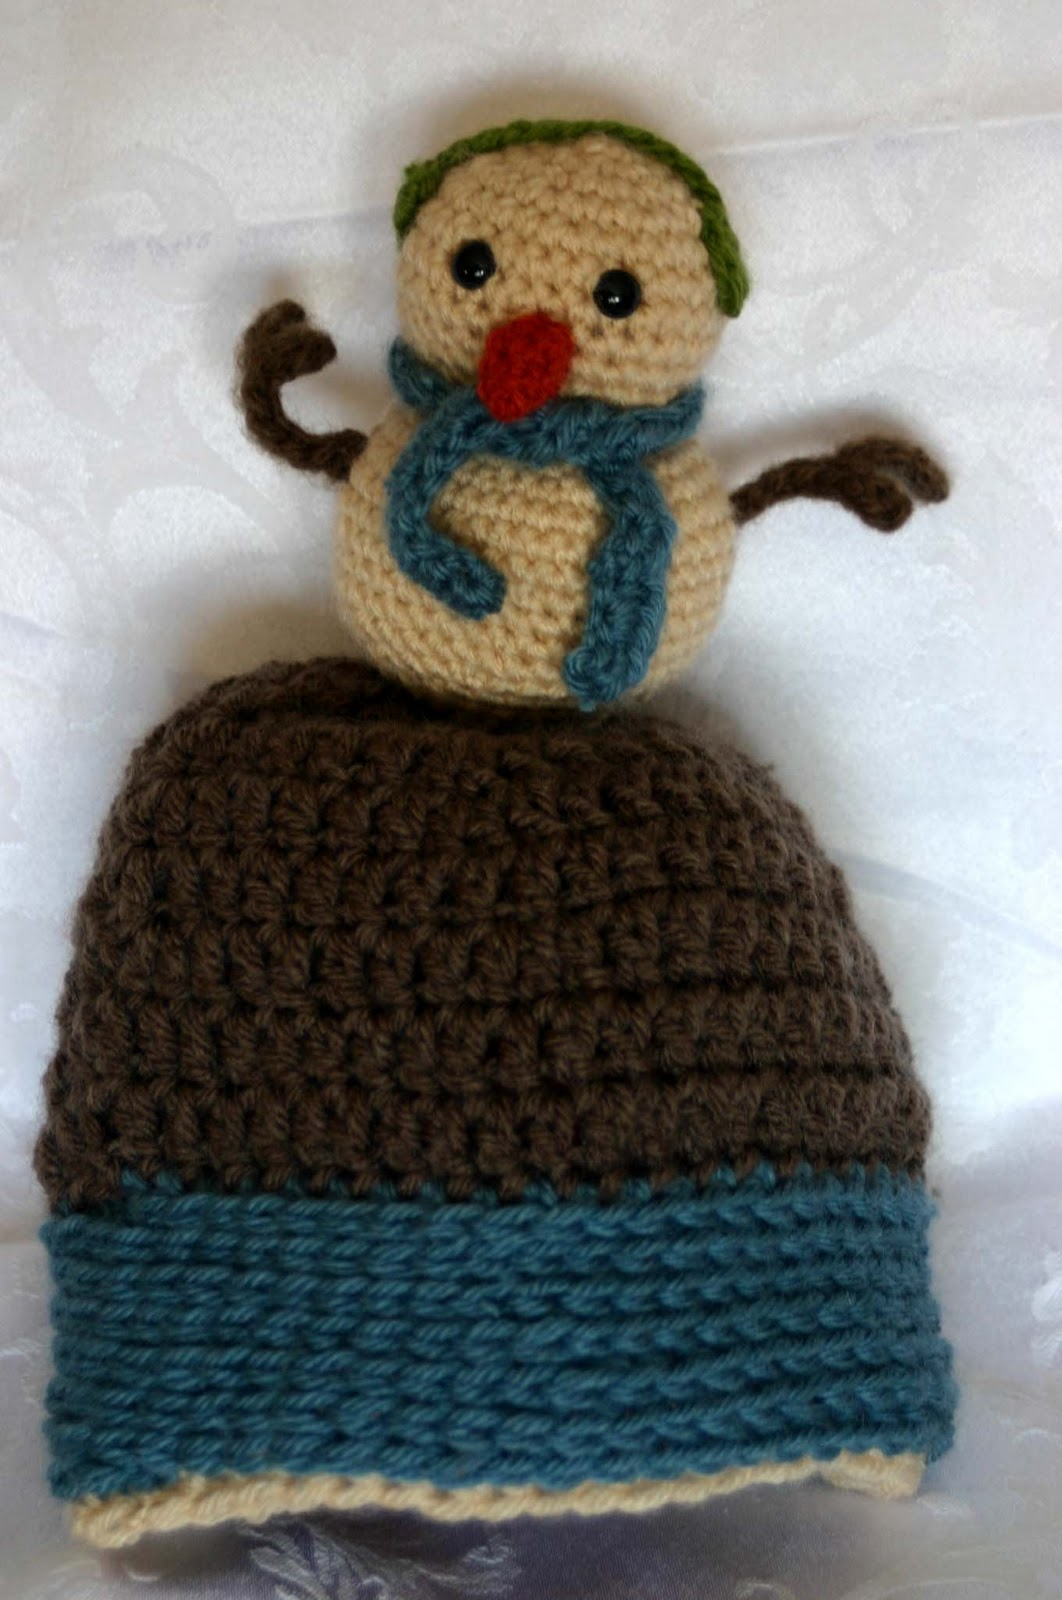 Crochet Pattern Novelty Hats : Crazy Frog Crochet: Novelty Hats